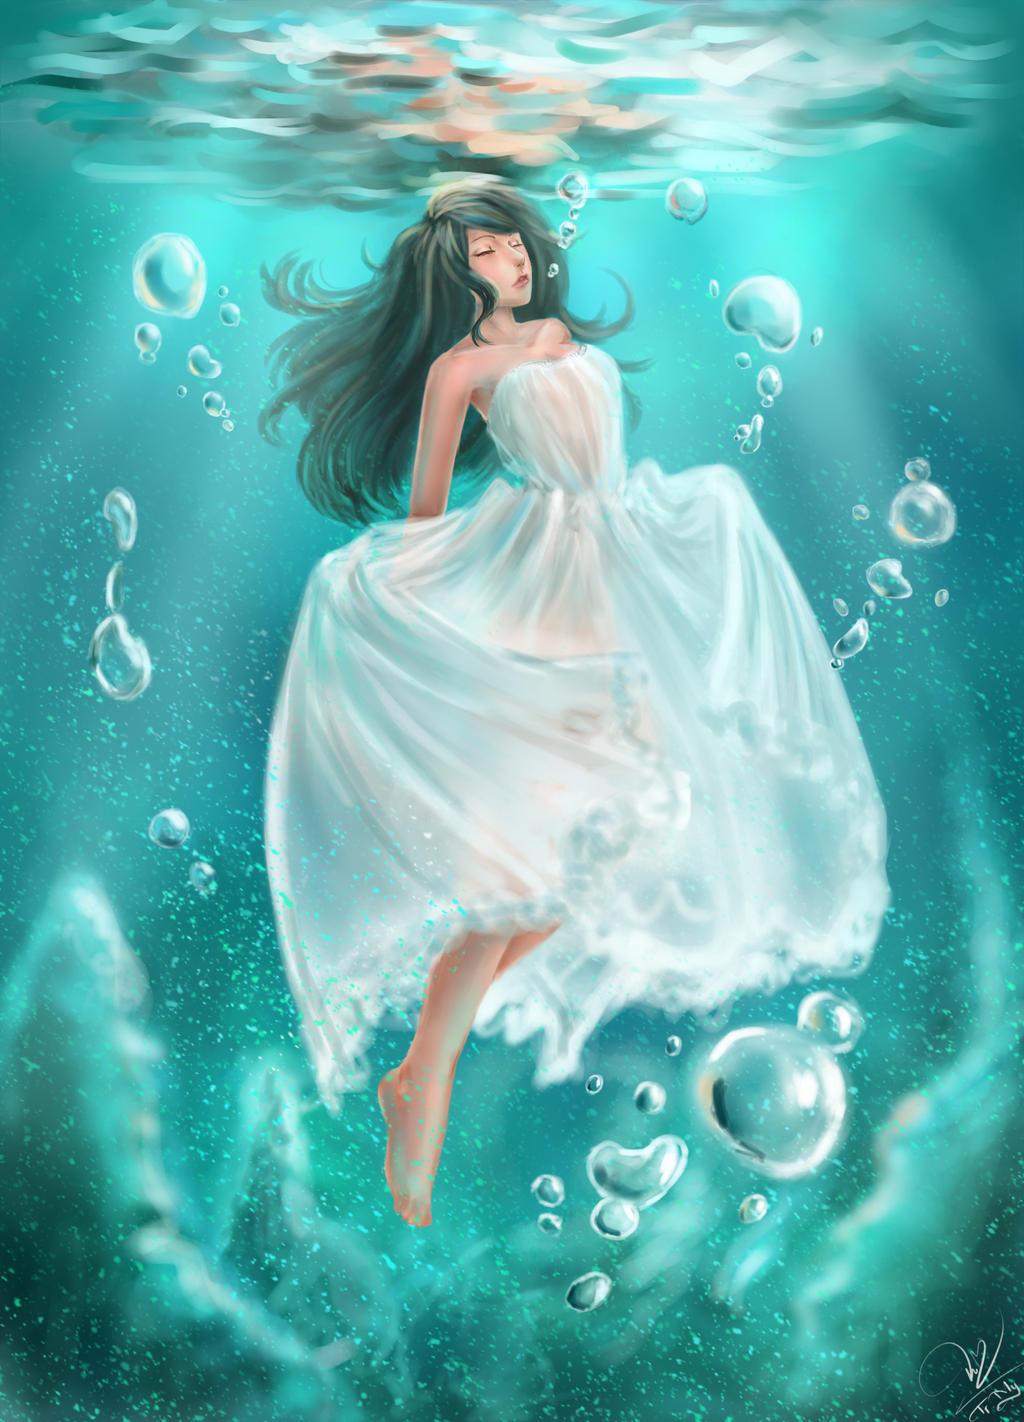 Girl Underwater by emia1905 on DeviantArt